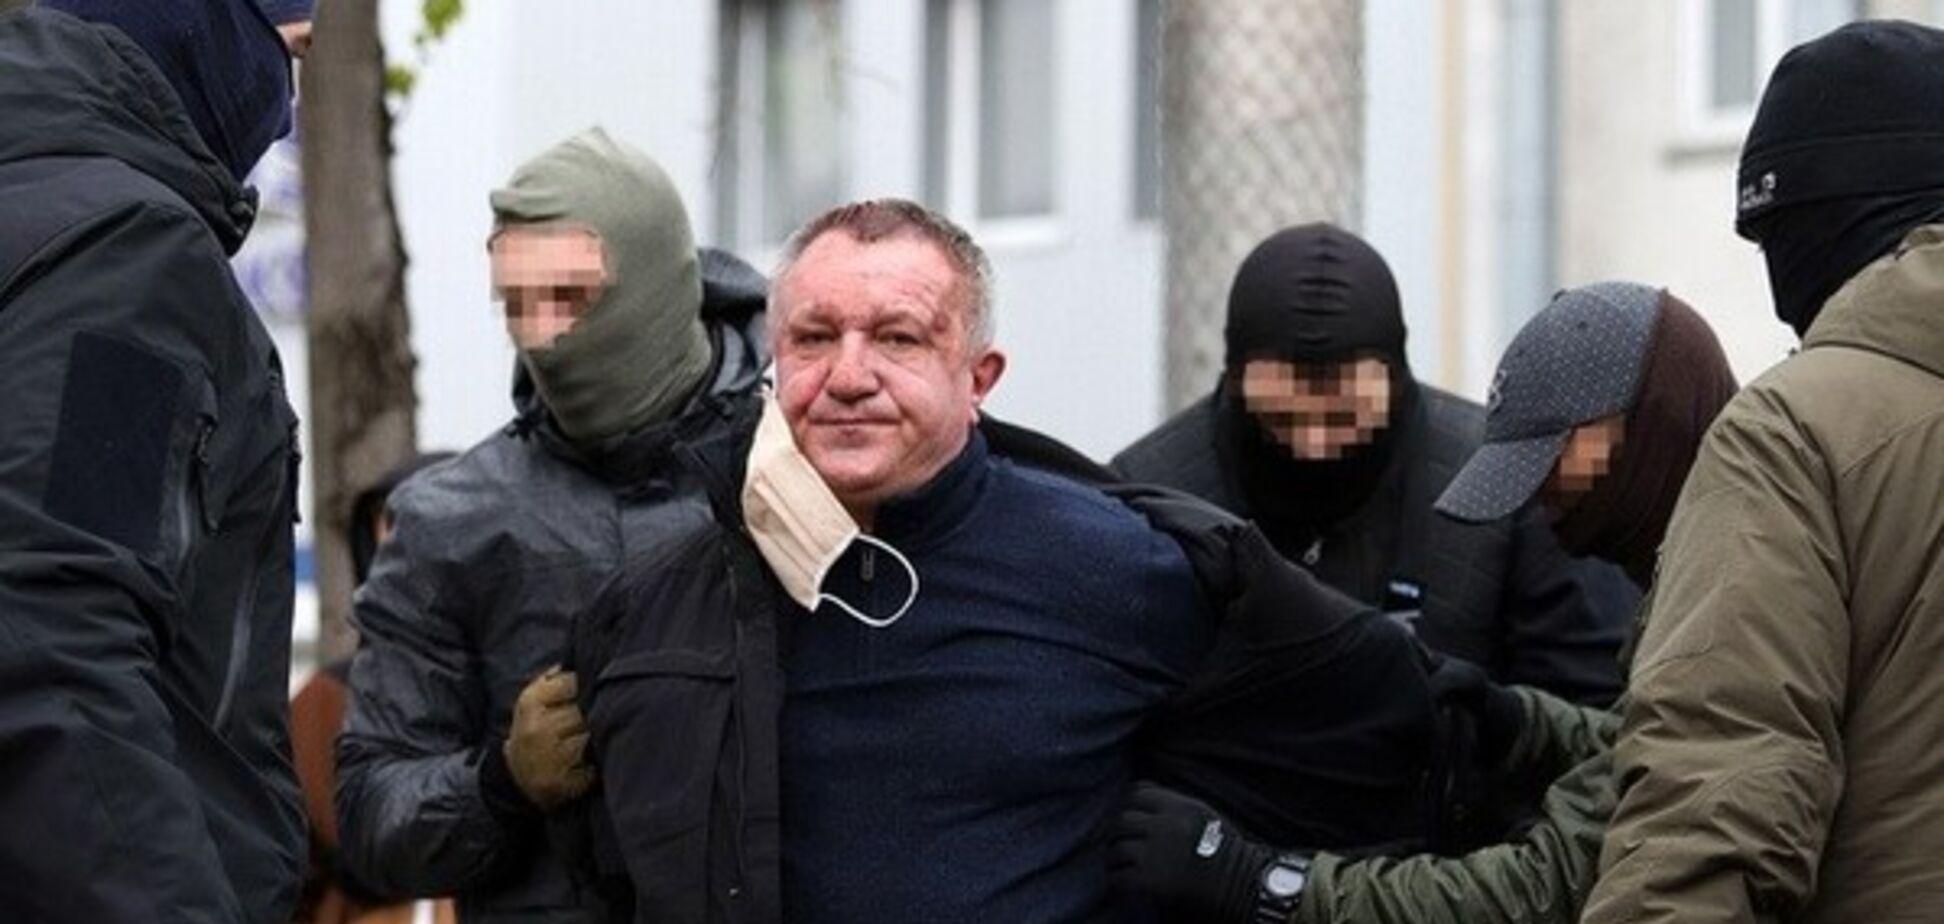 Штурмовал Майдан: Бутусов раскрыл подробности о задержанном генерале СБУ